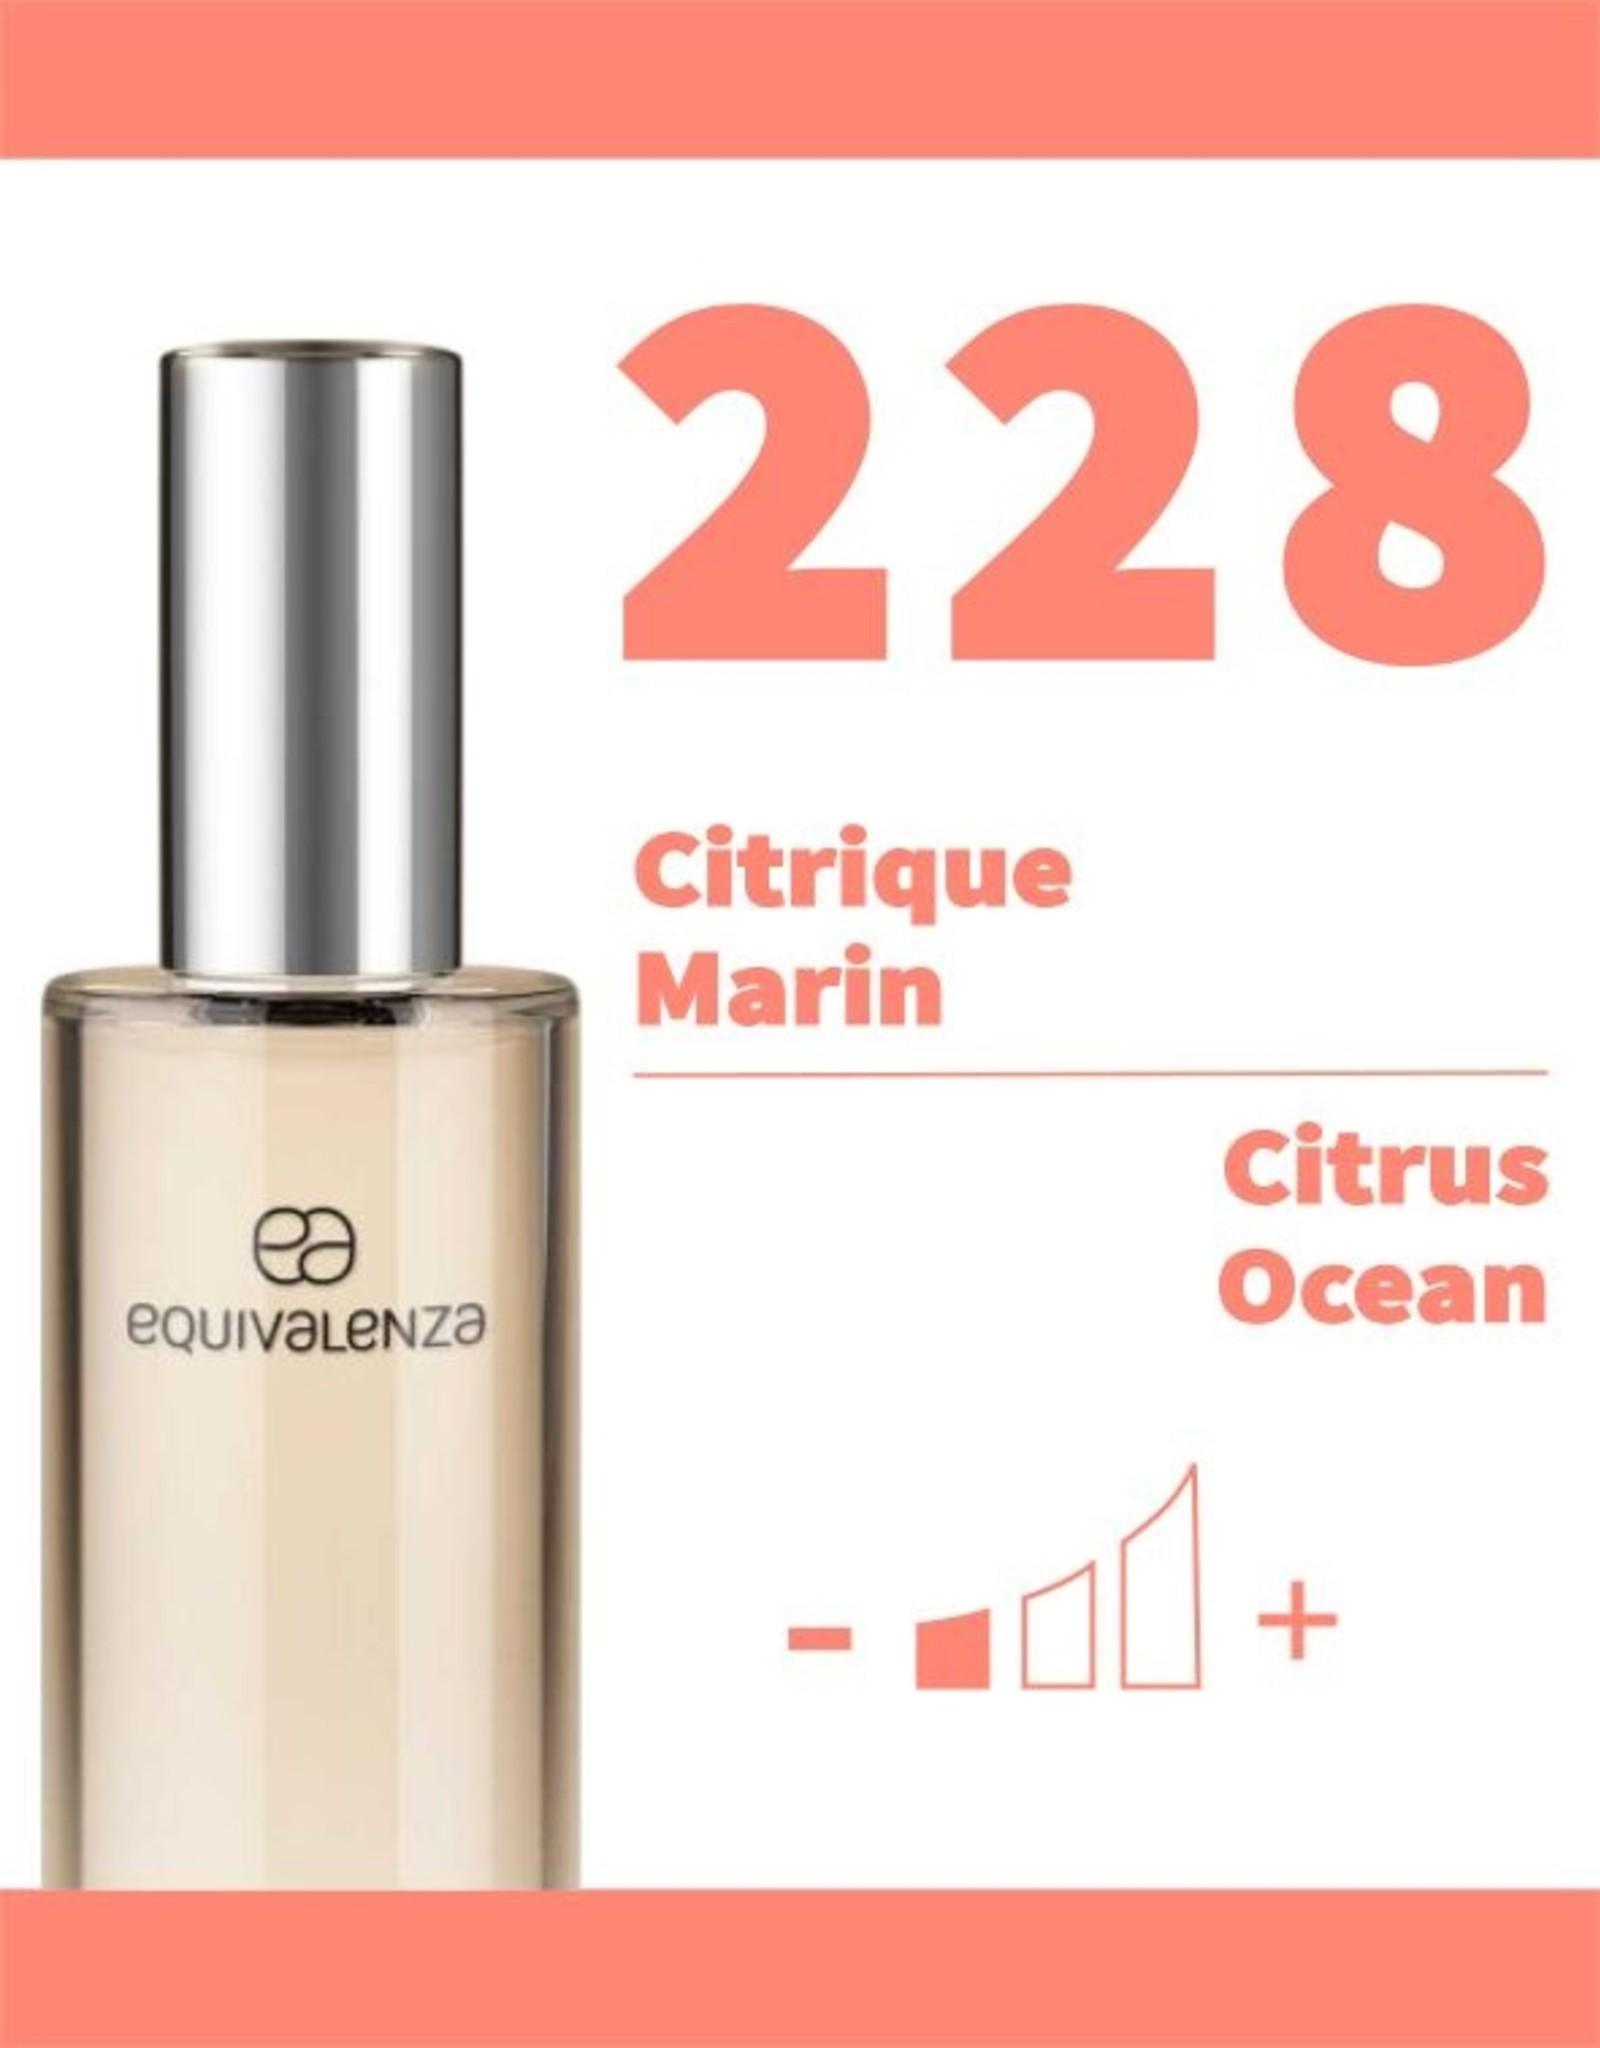 Equivalenza Eau de Toilette Citrique Marin 228